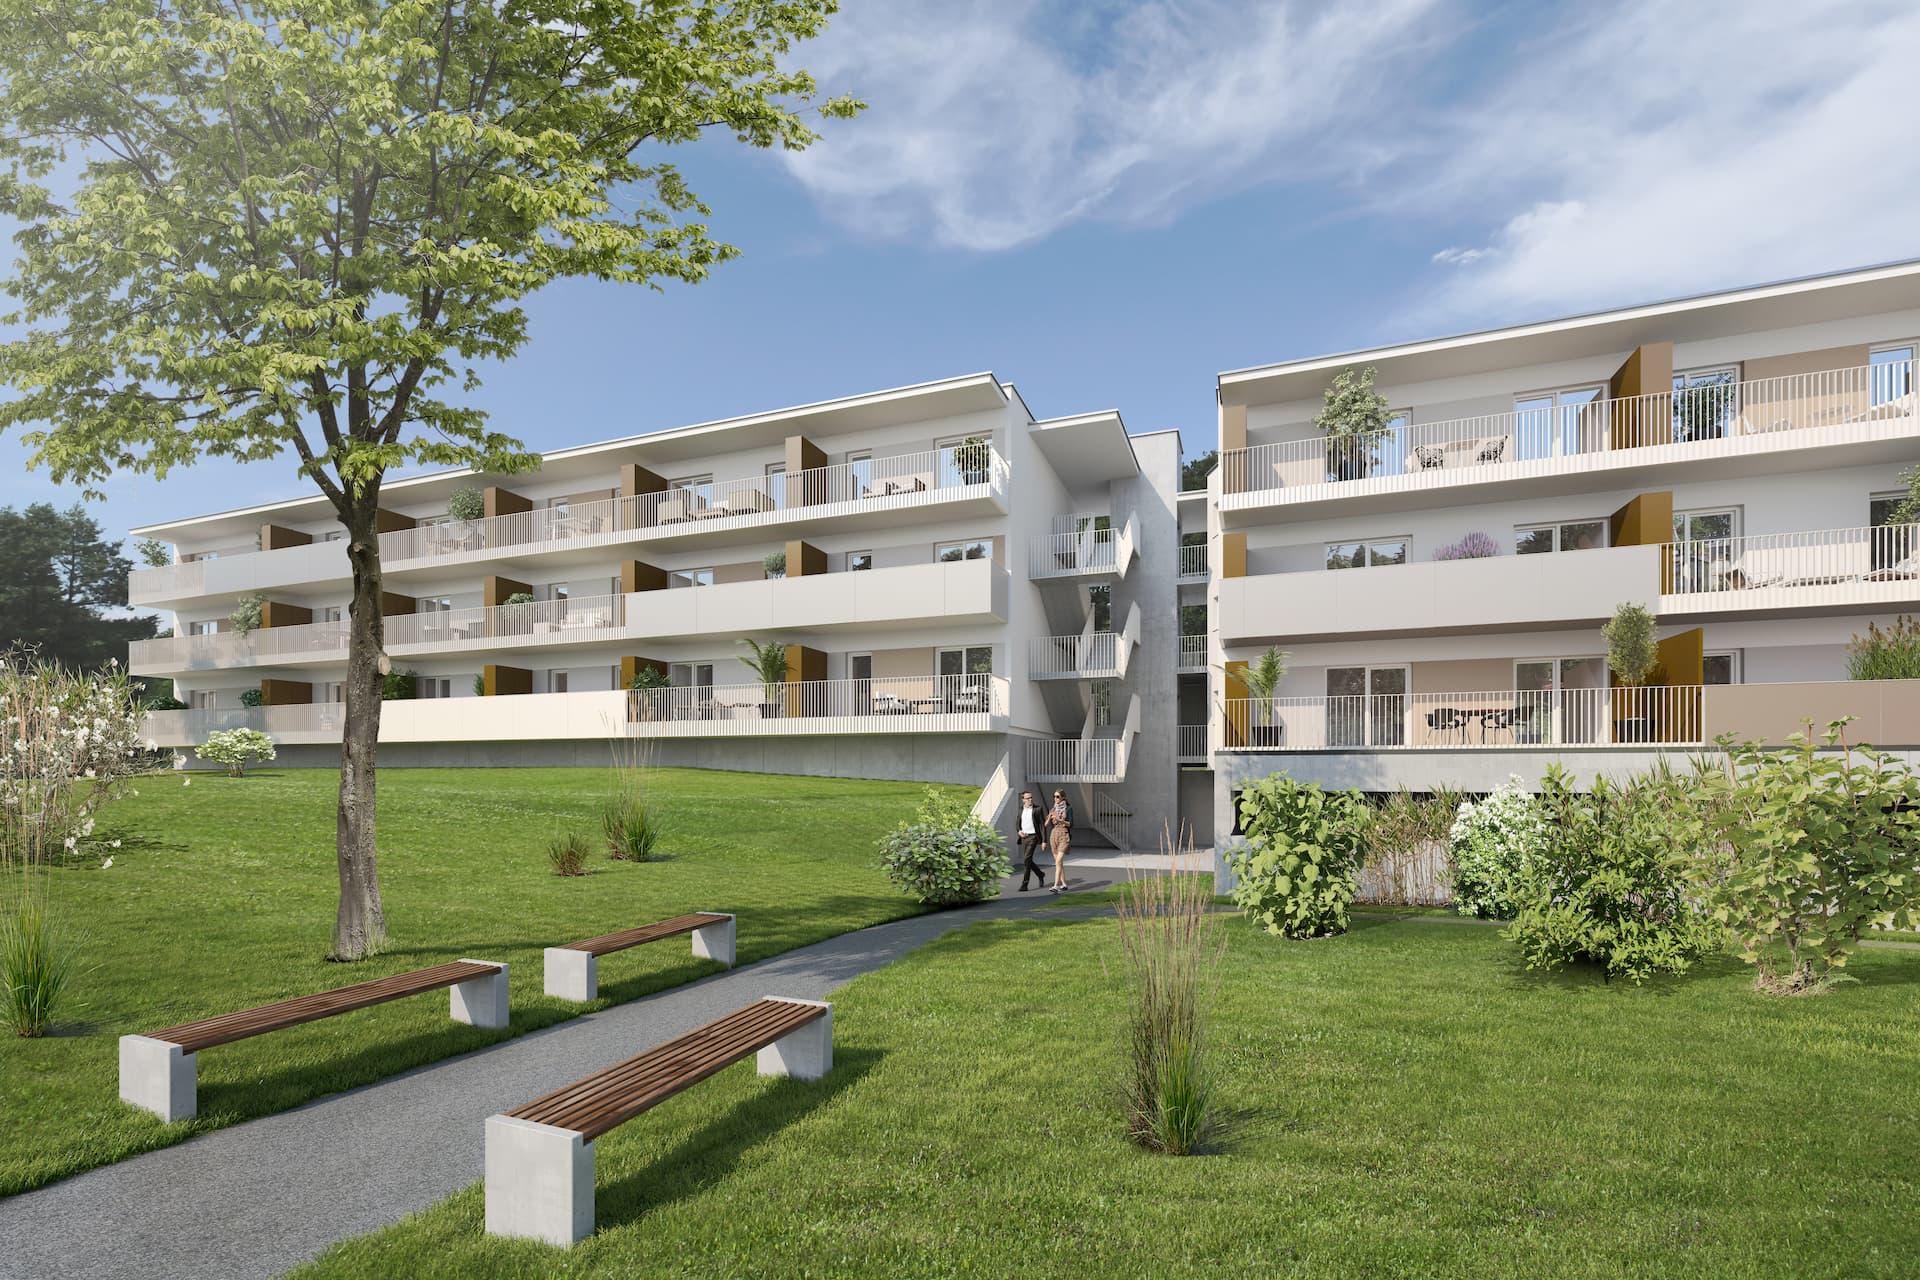 Aussenansicht Bauherrenmodell IFA AG in Graz